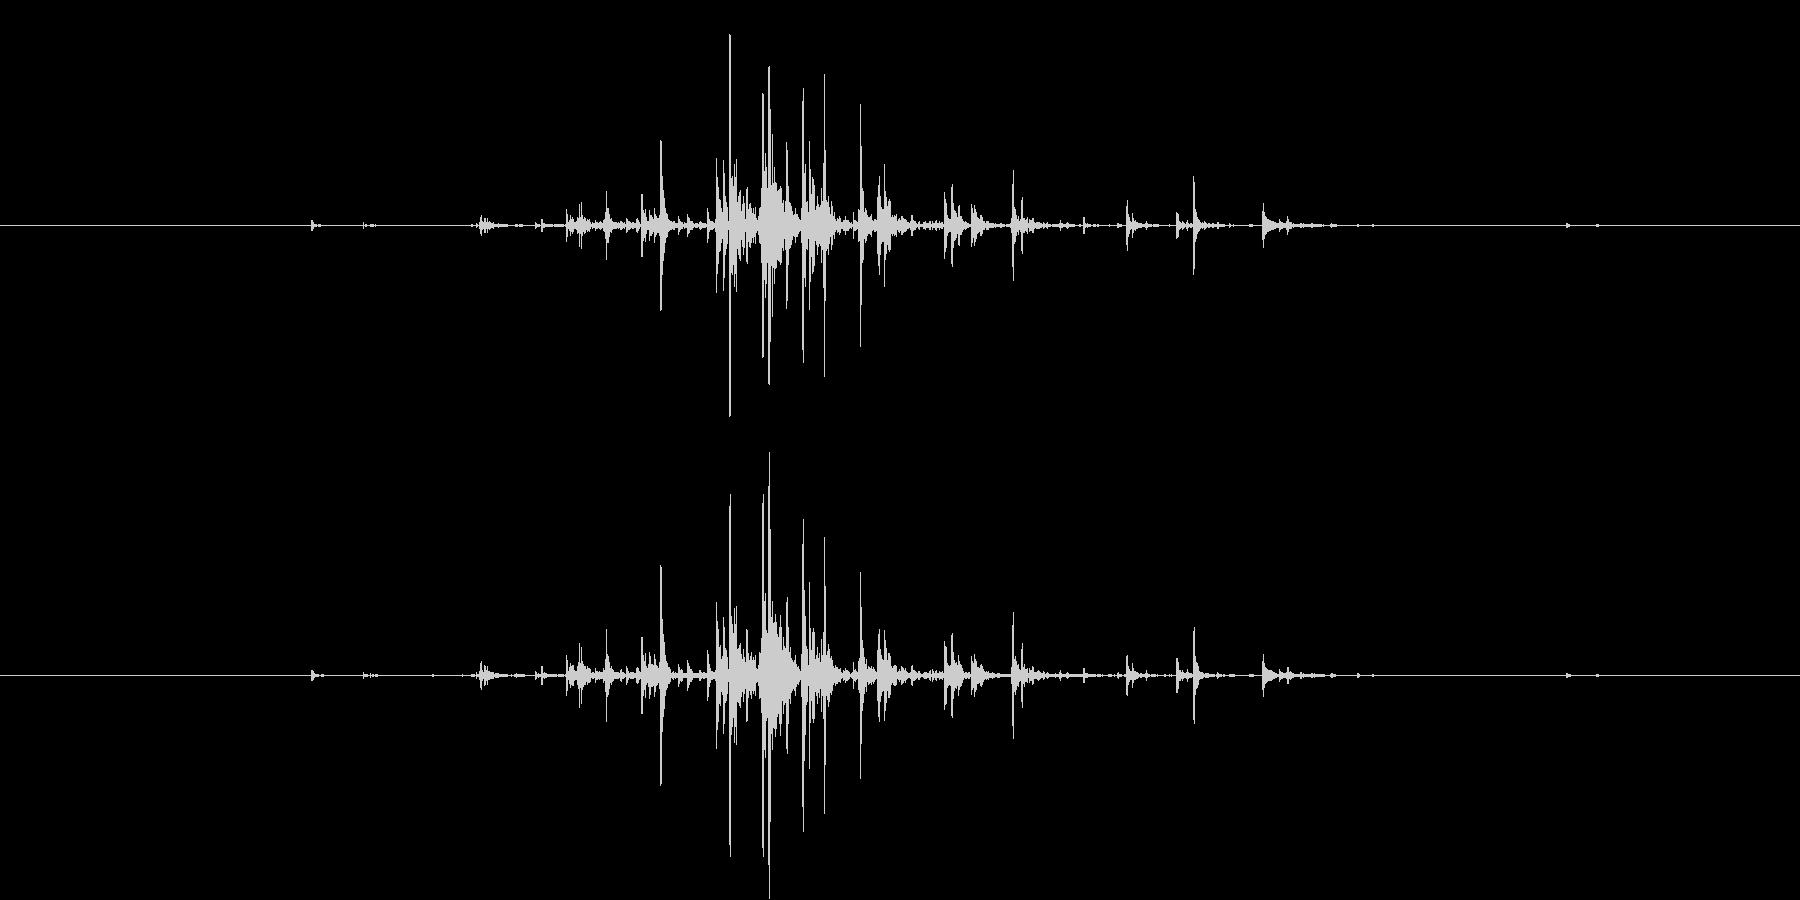 カラン(チャフチャスを一度振る音)の未再生の波形